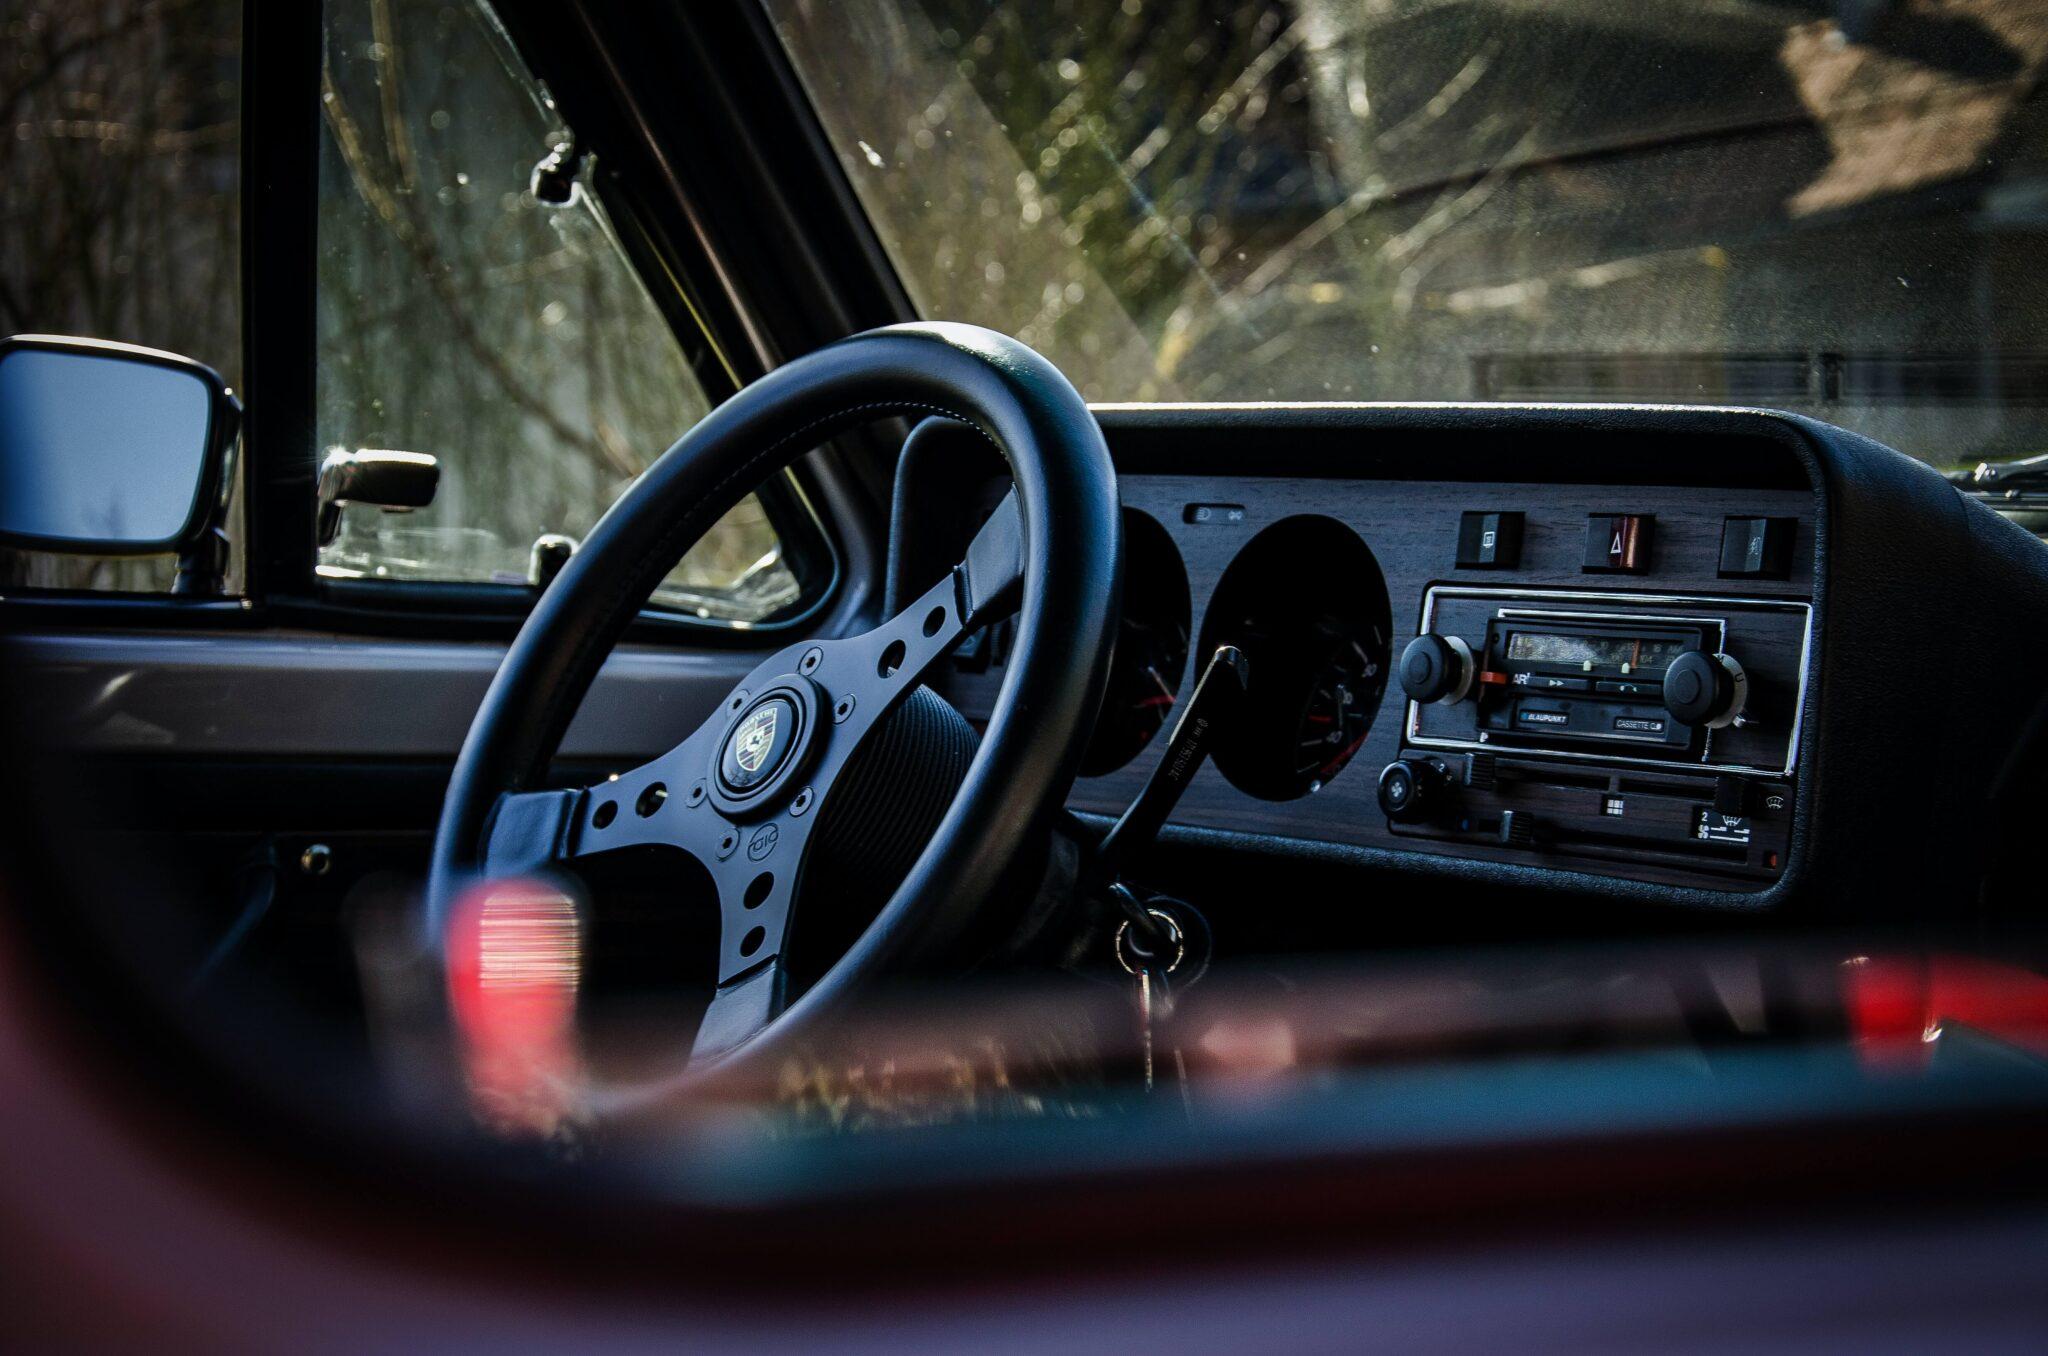 Radia samochodowe – jak wybrać takie, które będzie towarzyszyło nam latami?